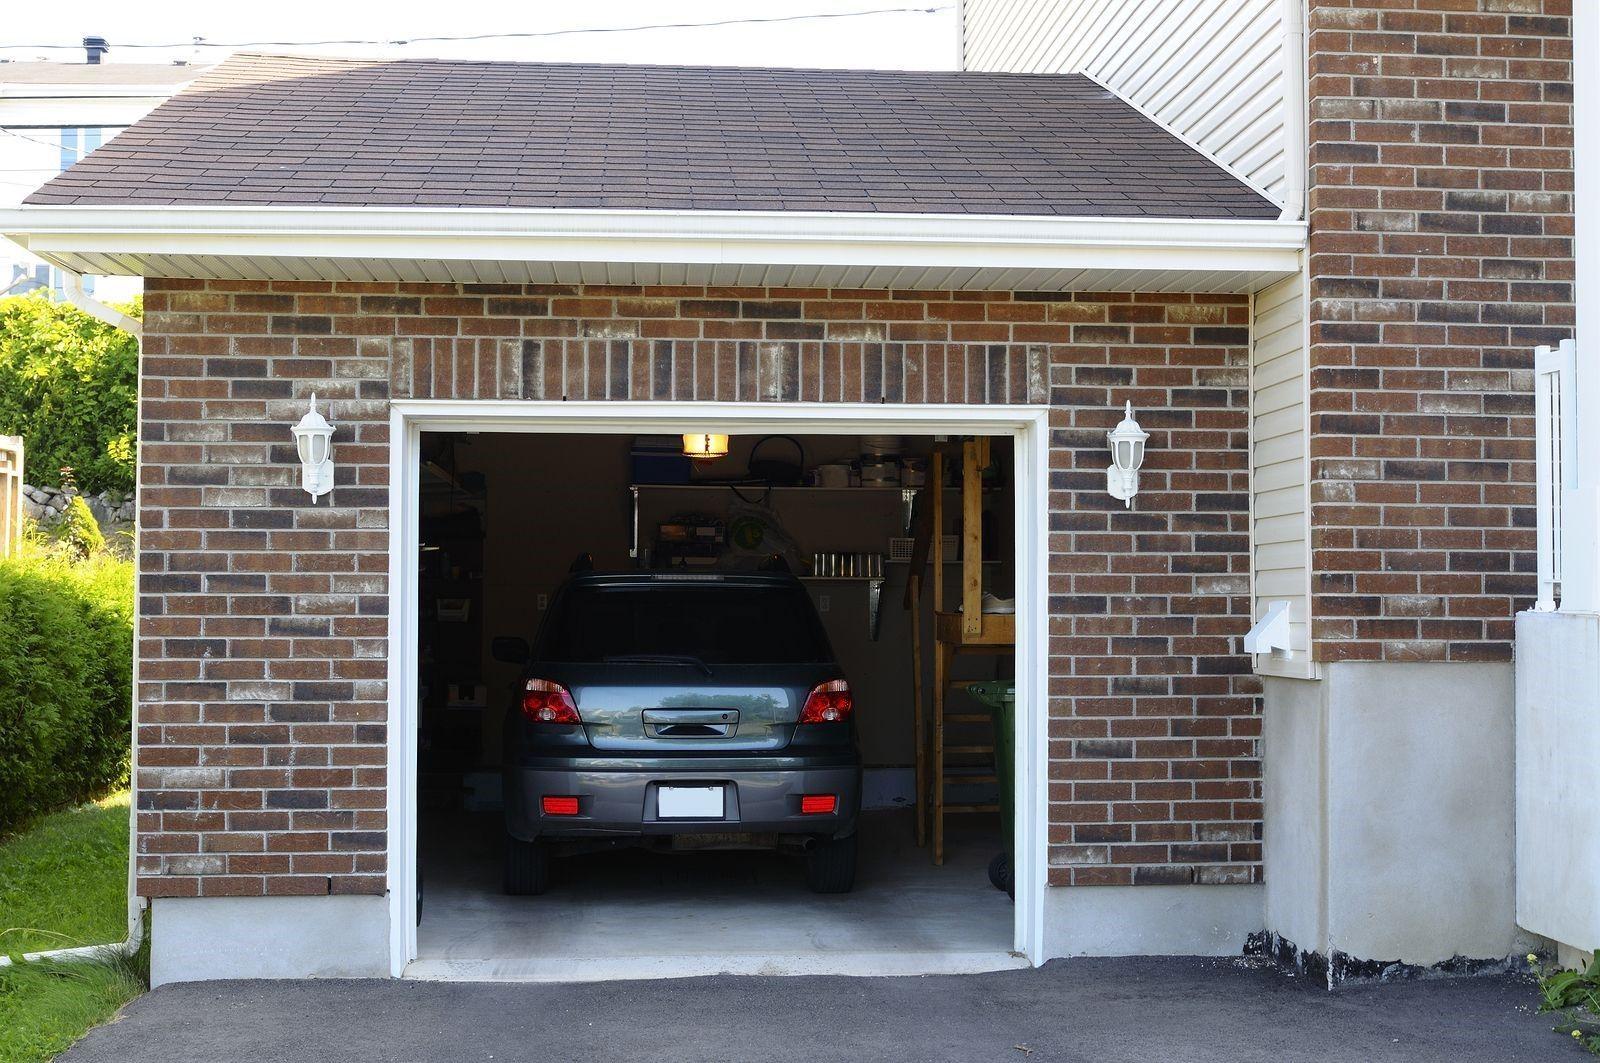 Garage Door garage door repair encinitas pics : Commercial garage door installation new york http://www.allusdoor ...